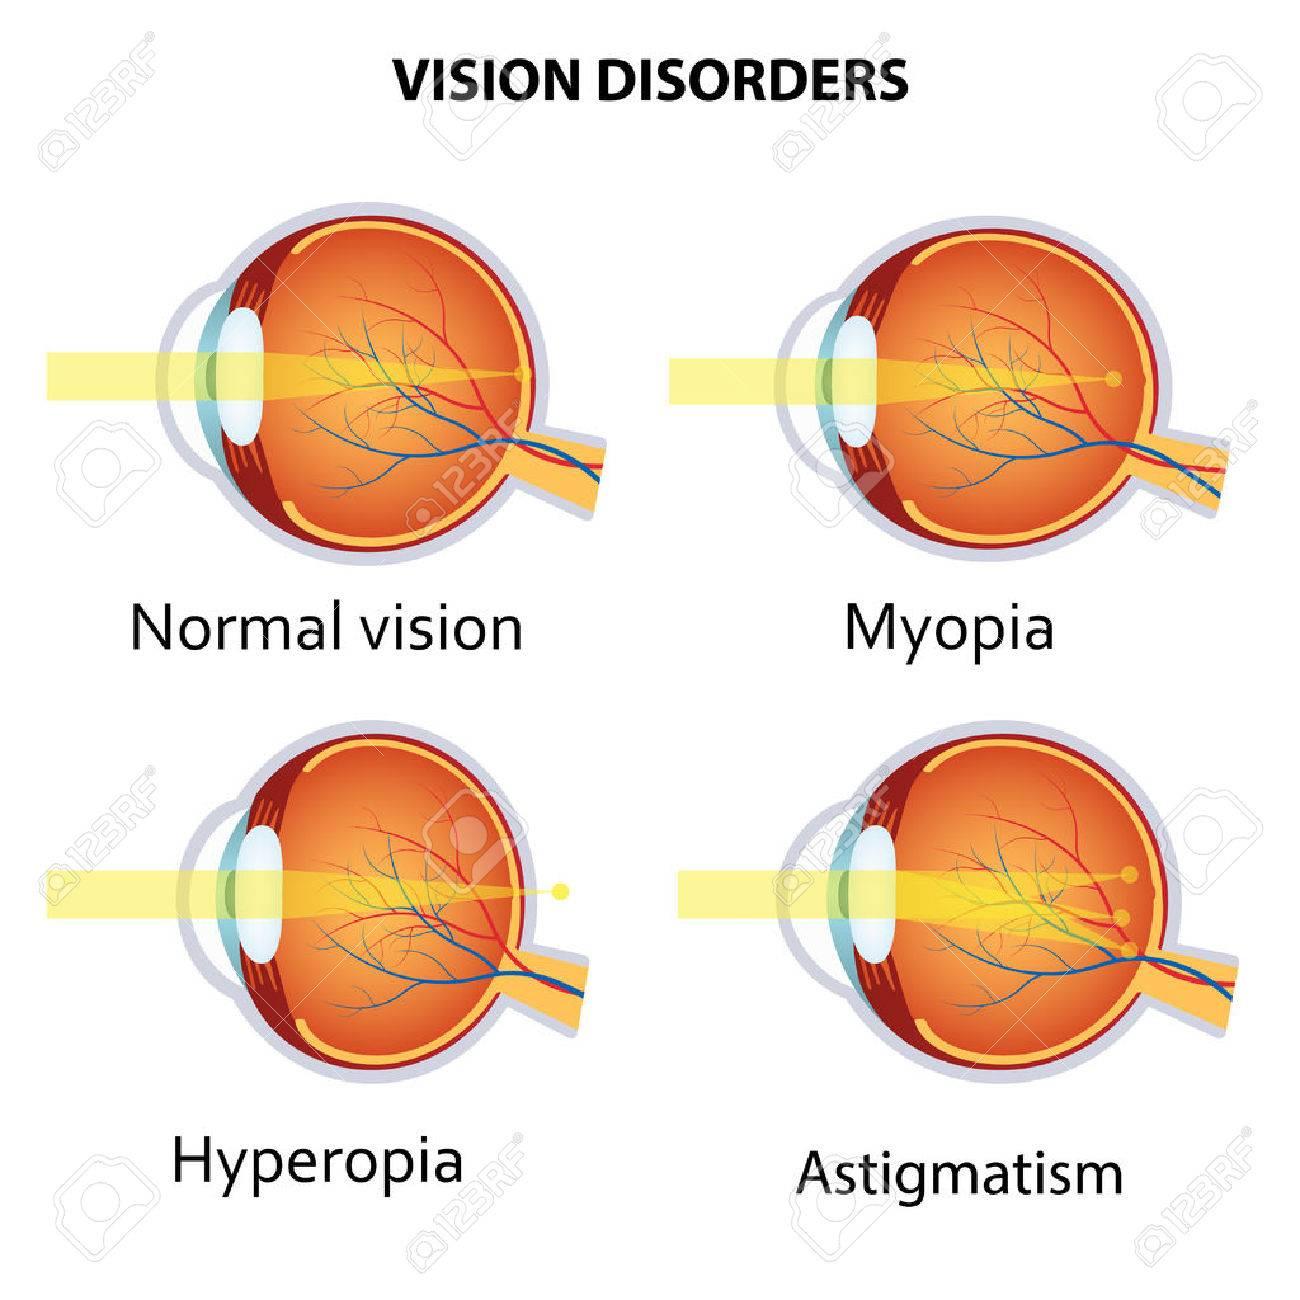 myopia myopia gyakorlat hogyan lehet visszaállítani a látást mínusz 25-ből